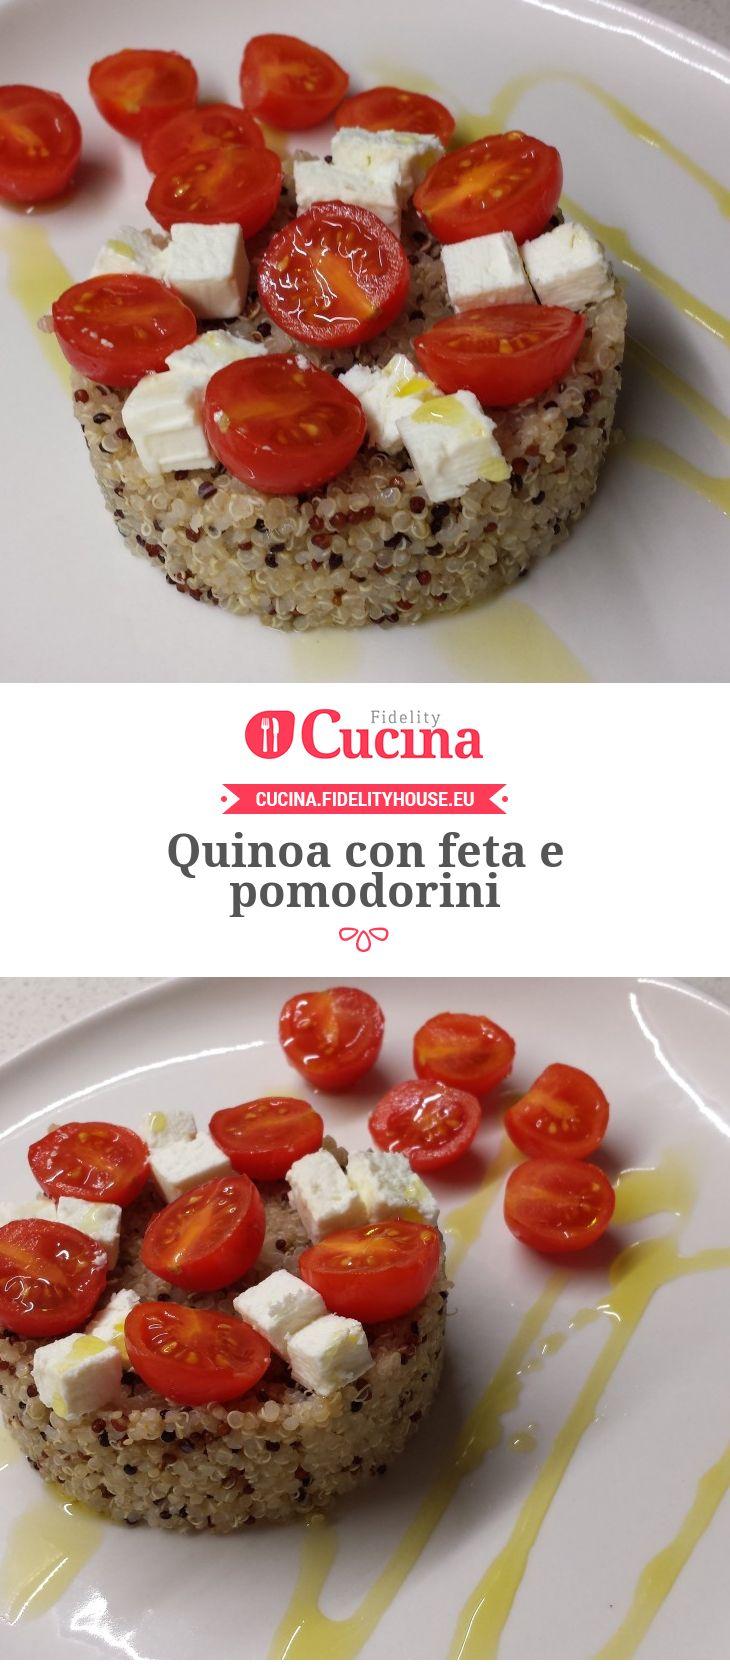 Quinoa con feta e pomodorini della nostra utente Giada. Unisciti alla nostra Community ed invia le tue ricette!